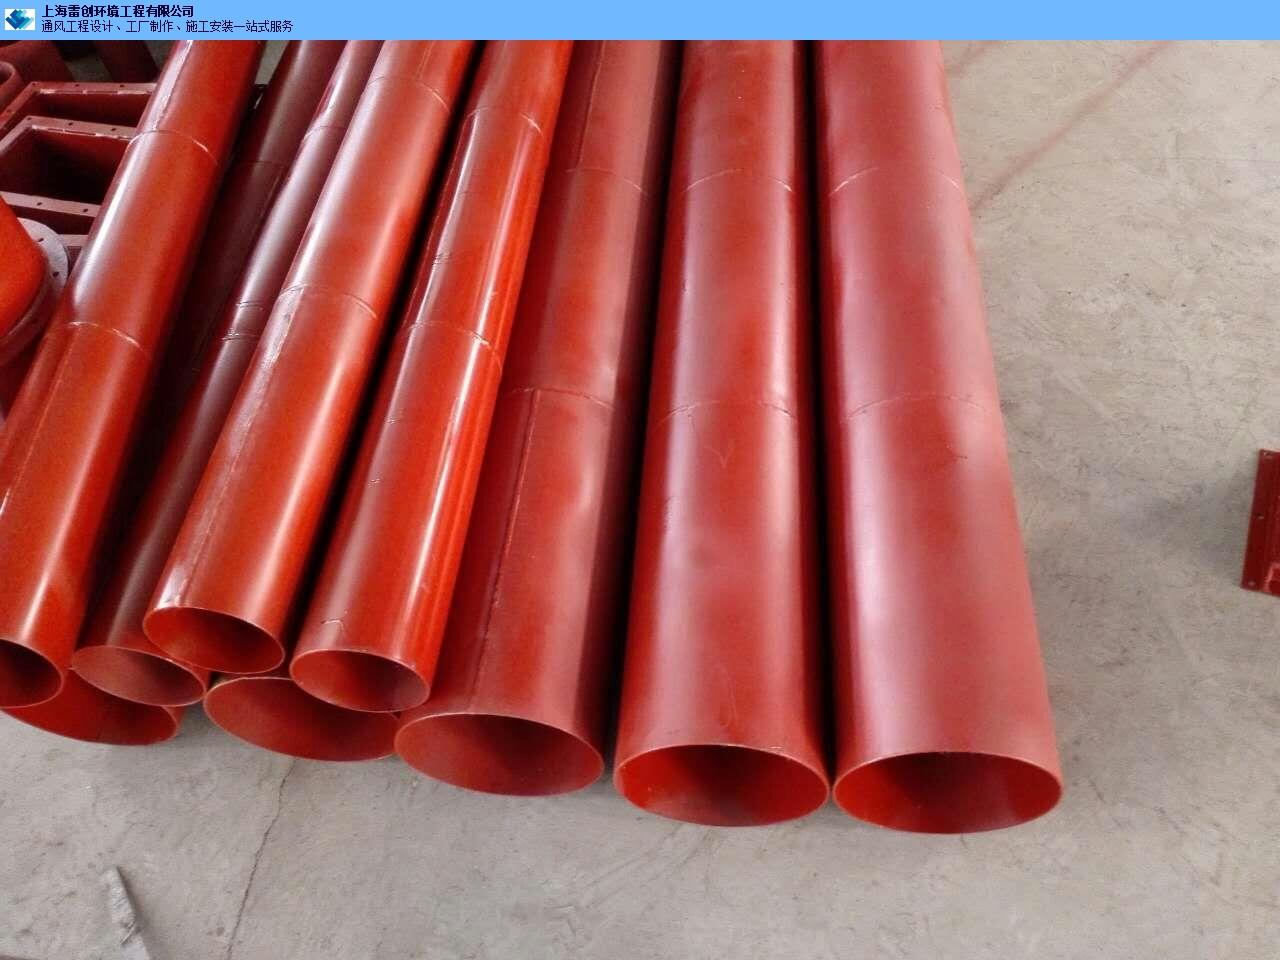 松江区烟道镀锌焊接风管,焊接风管